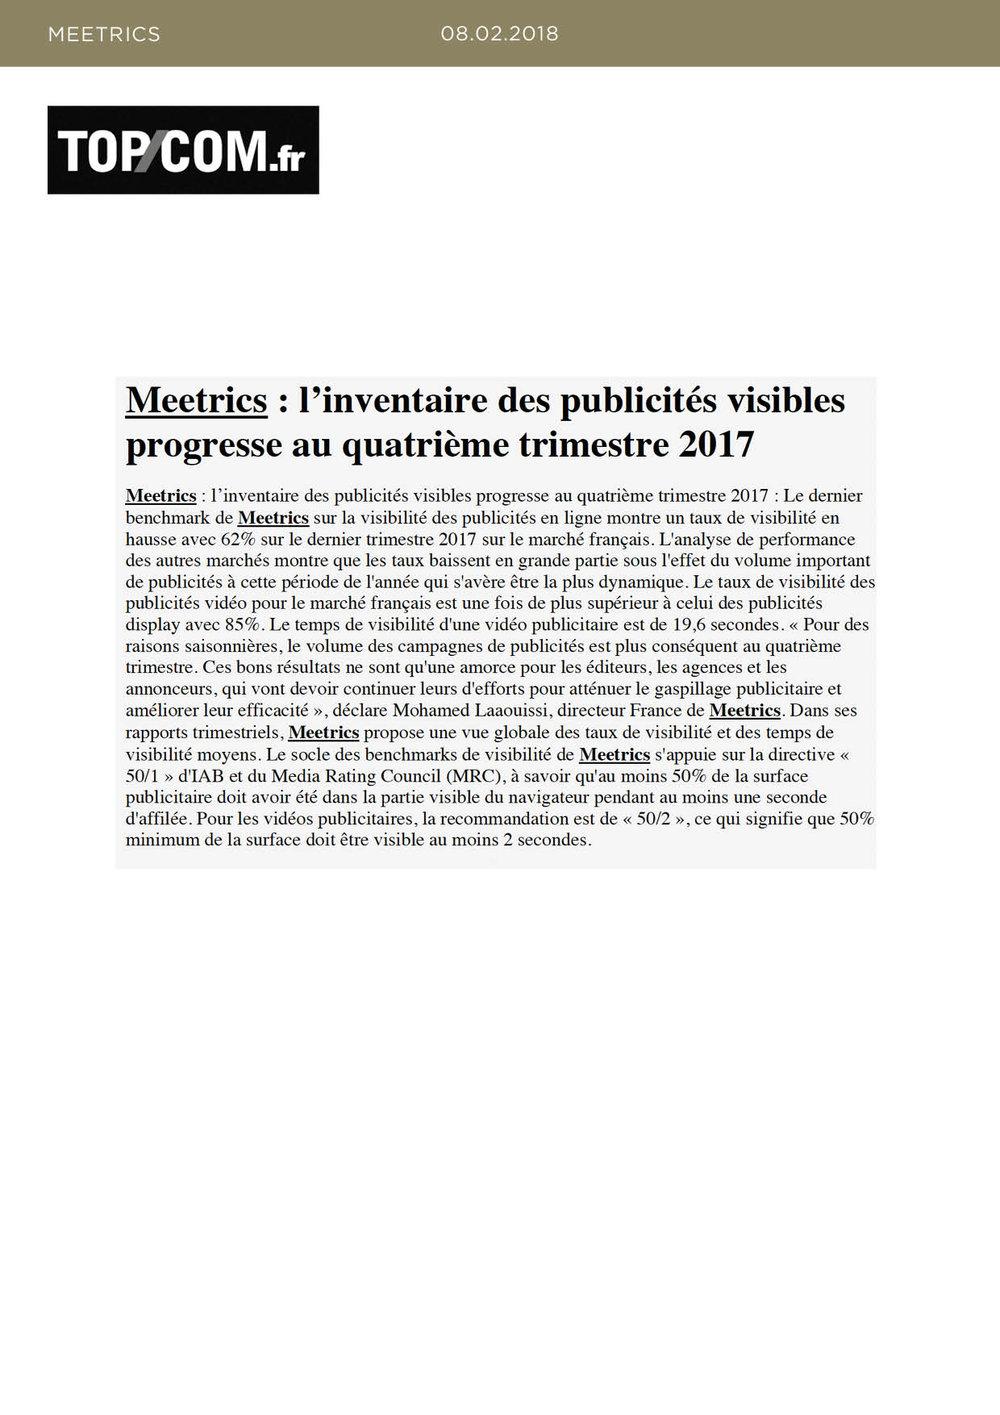 BOOKMEDIA_FEV_WEB43.jpg